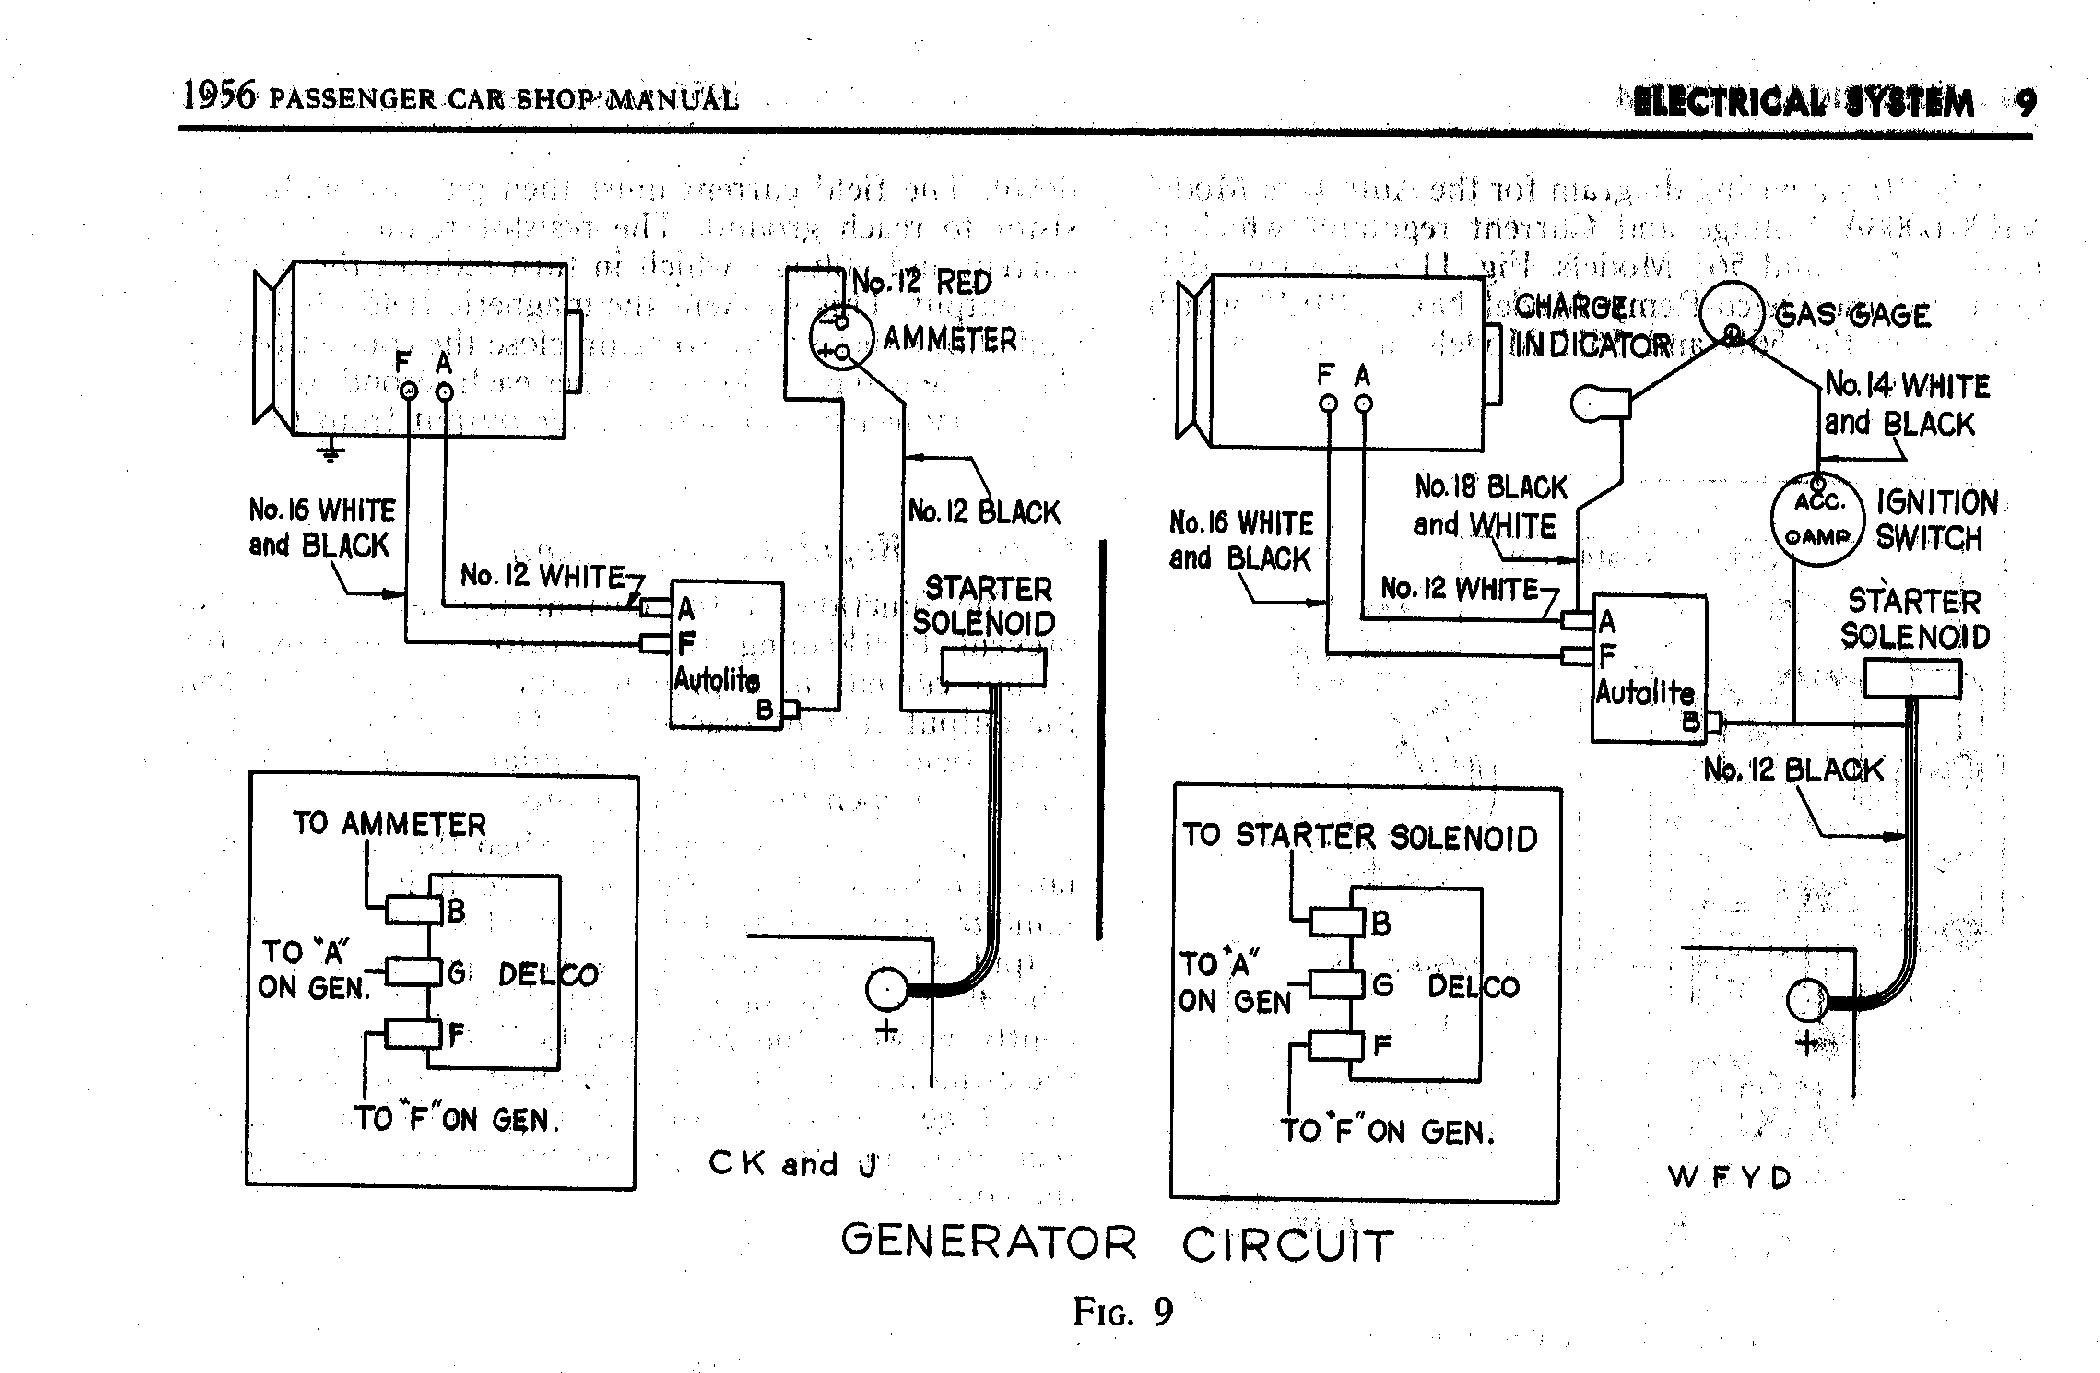 Kubota M6800 Wiring Diagram - Detailed Wiring Diagram - Kubota B7800 Wiring Diagram